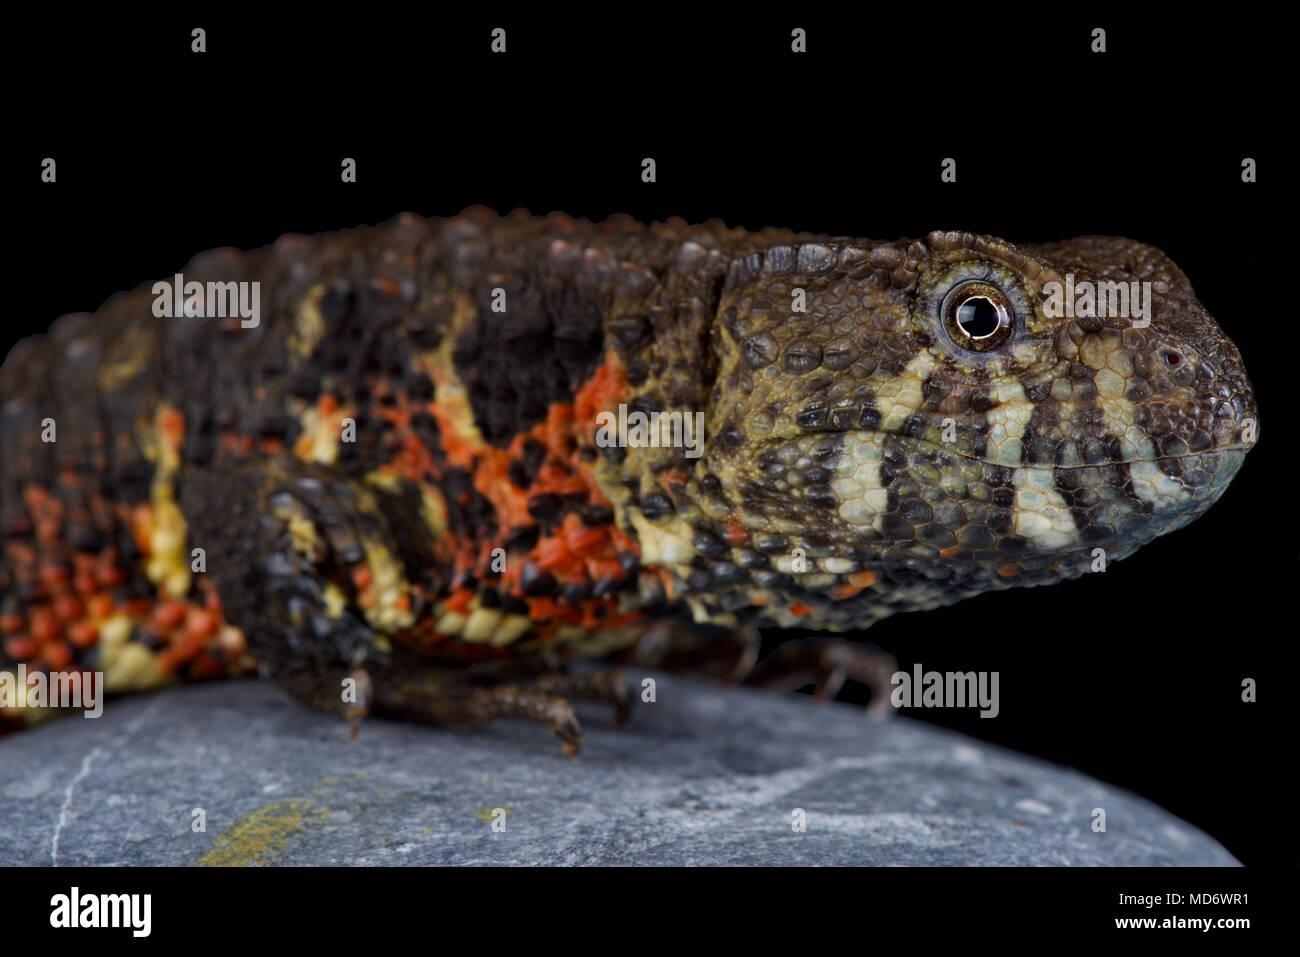 Die vietnamesischen crocodile Lizard (Shinisaurus crocodilurus vietnamensis) wurde erst vor kurzem entdeckt und im Jahr 2016 beschrieben. Bevölkerung Schätzung ist 800 adul Stockbild